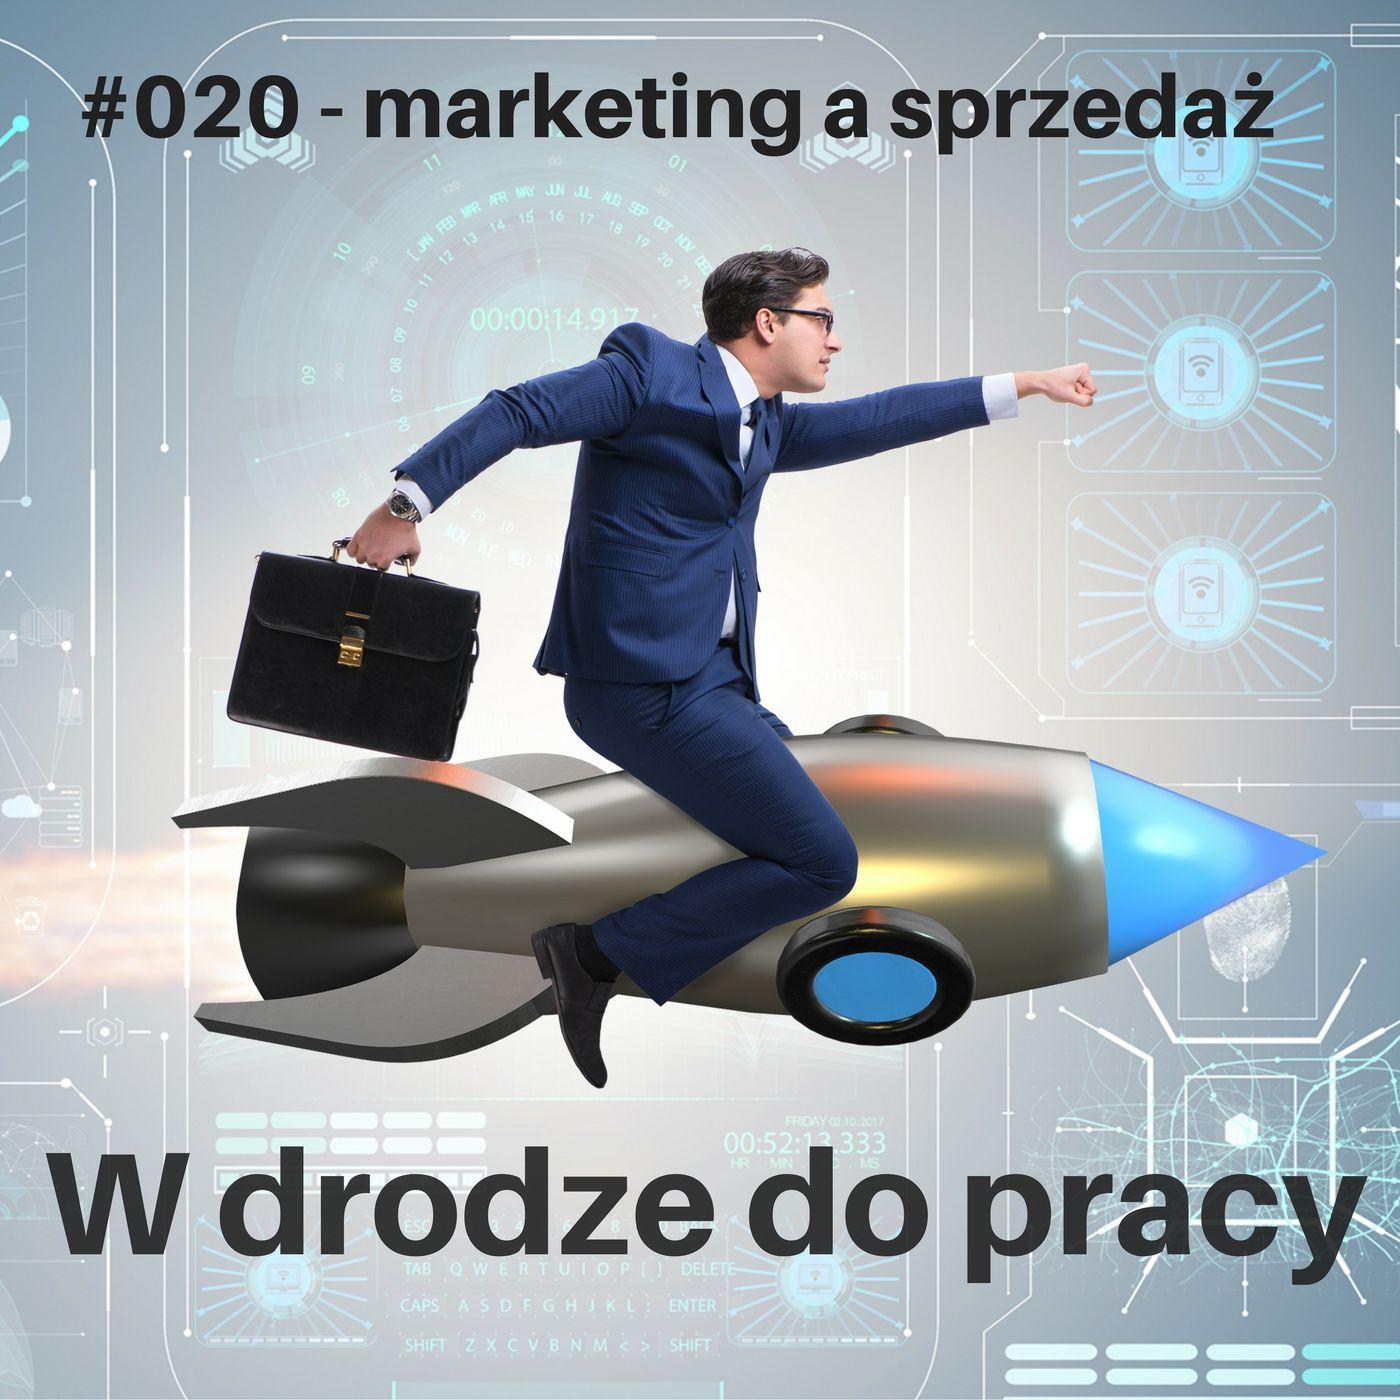 #020 - marketing a sprzedaż - czym są, a czym powinny być